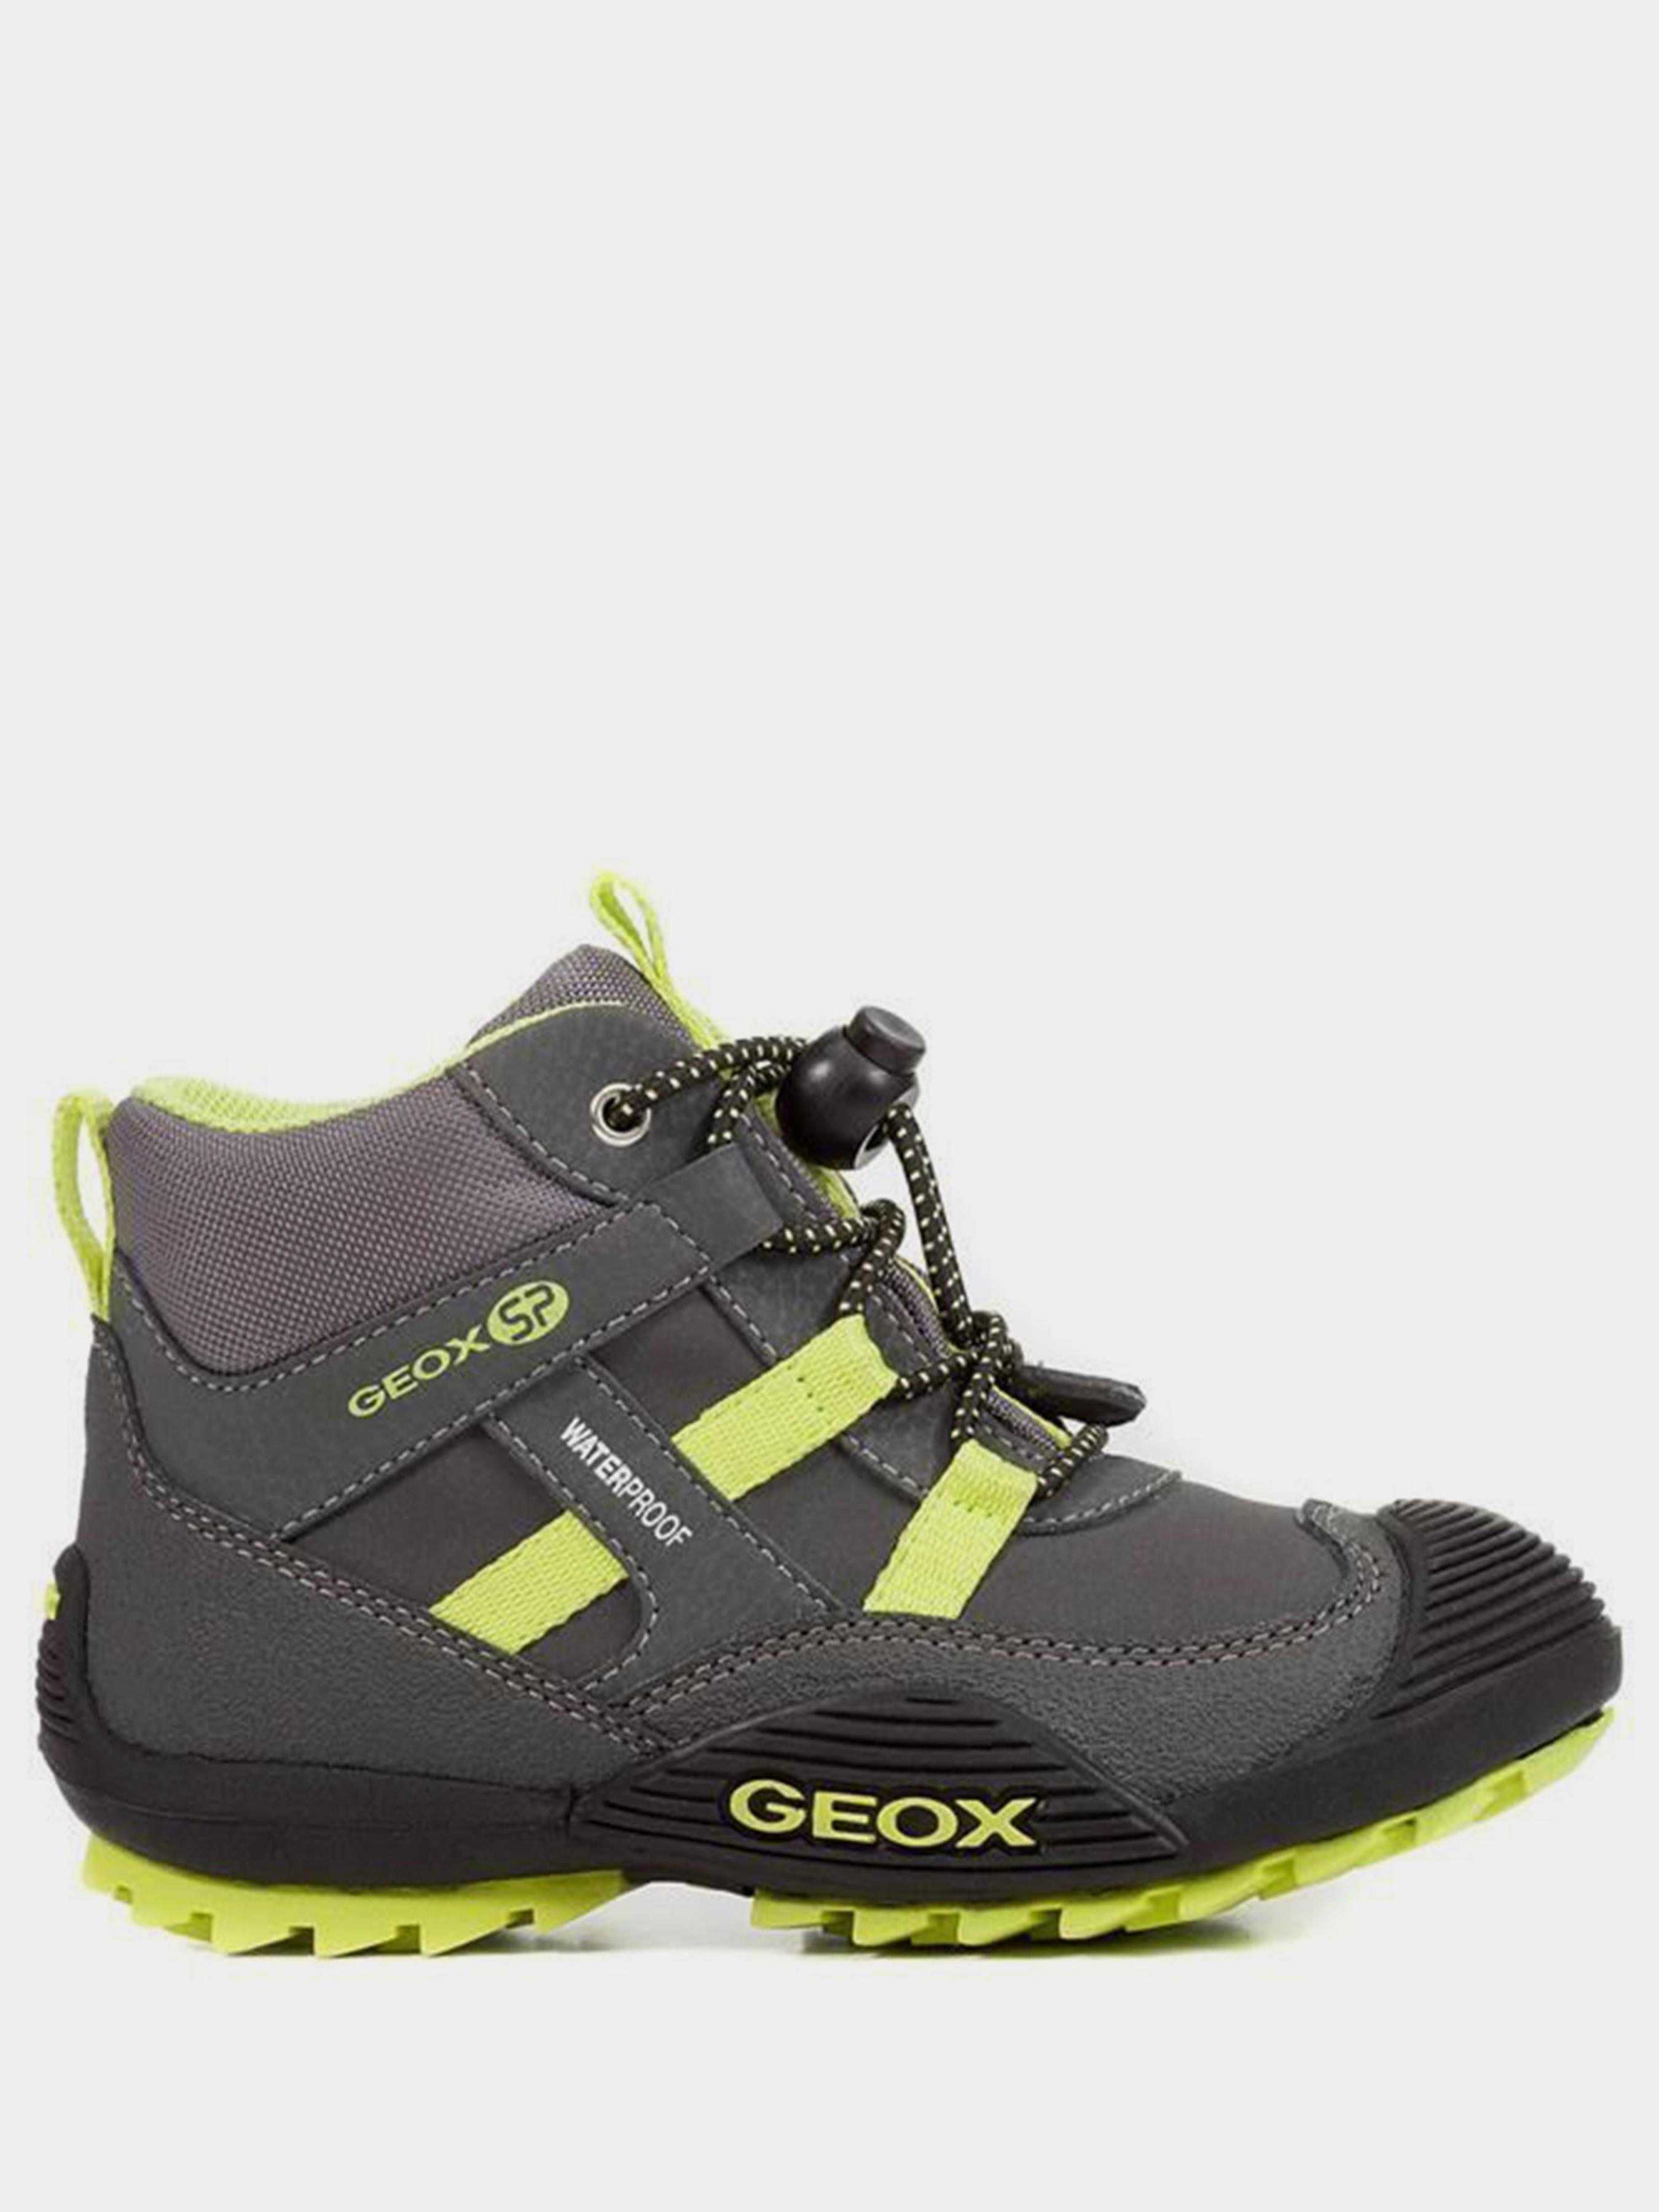 Ботинки детские Geox модель XK5940 - купить по лучшей цене в Киеве ... 969c75295d440